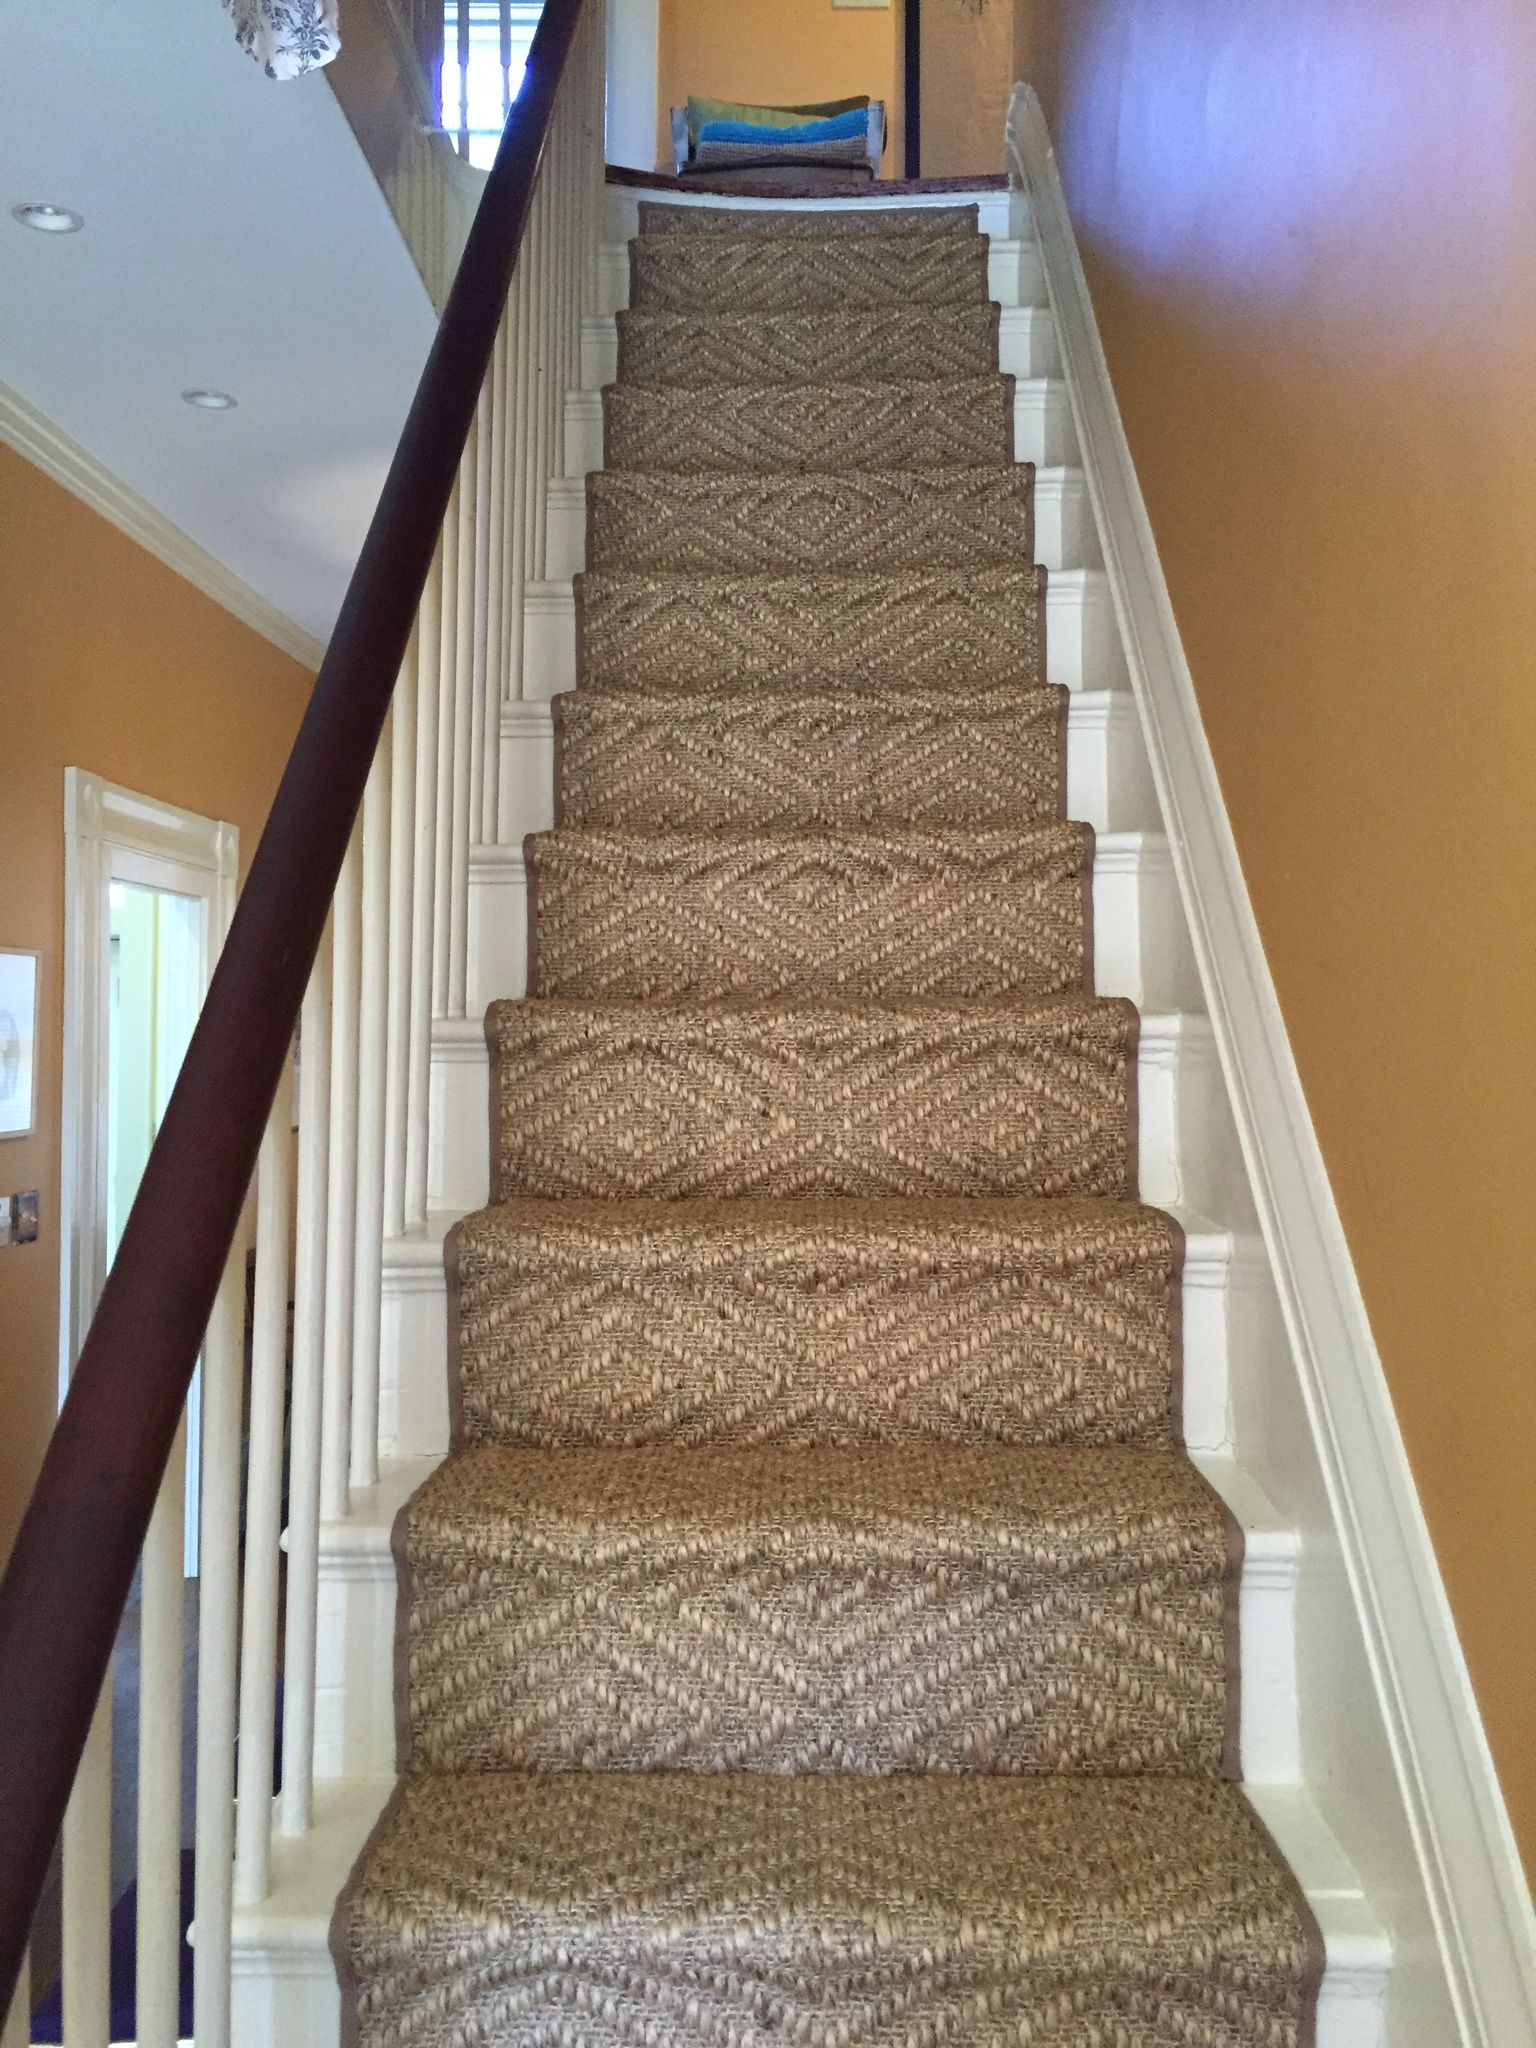 sisal stair runner sisal wool sisal natural fibers. Black Bedroom Furniture Sets. Home Design Ideas